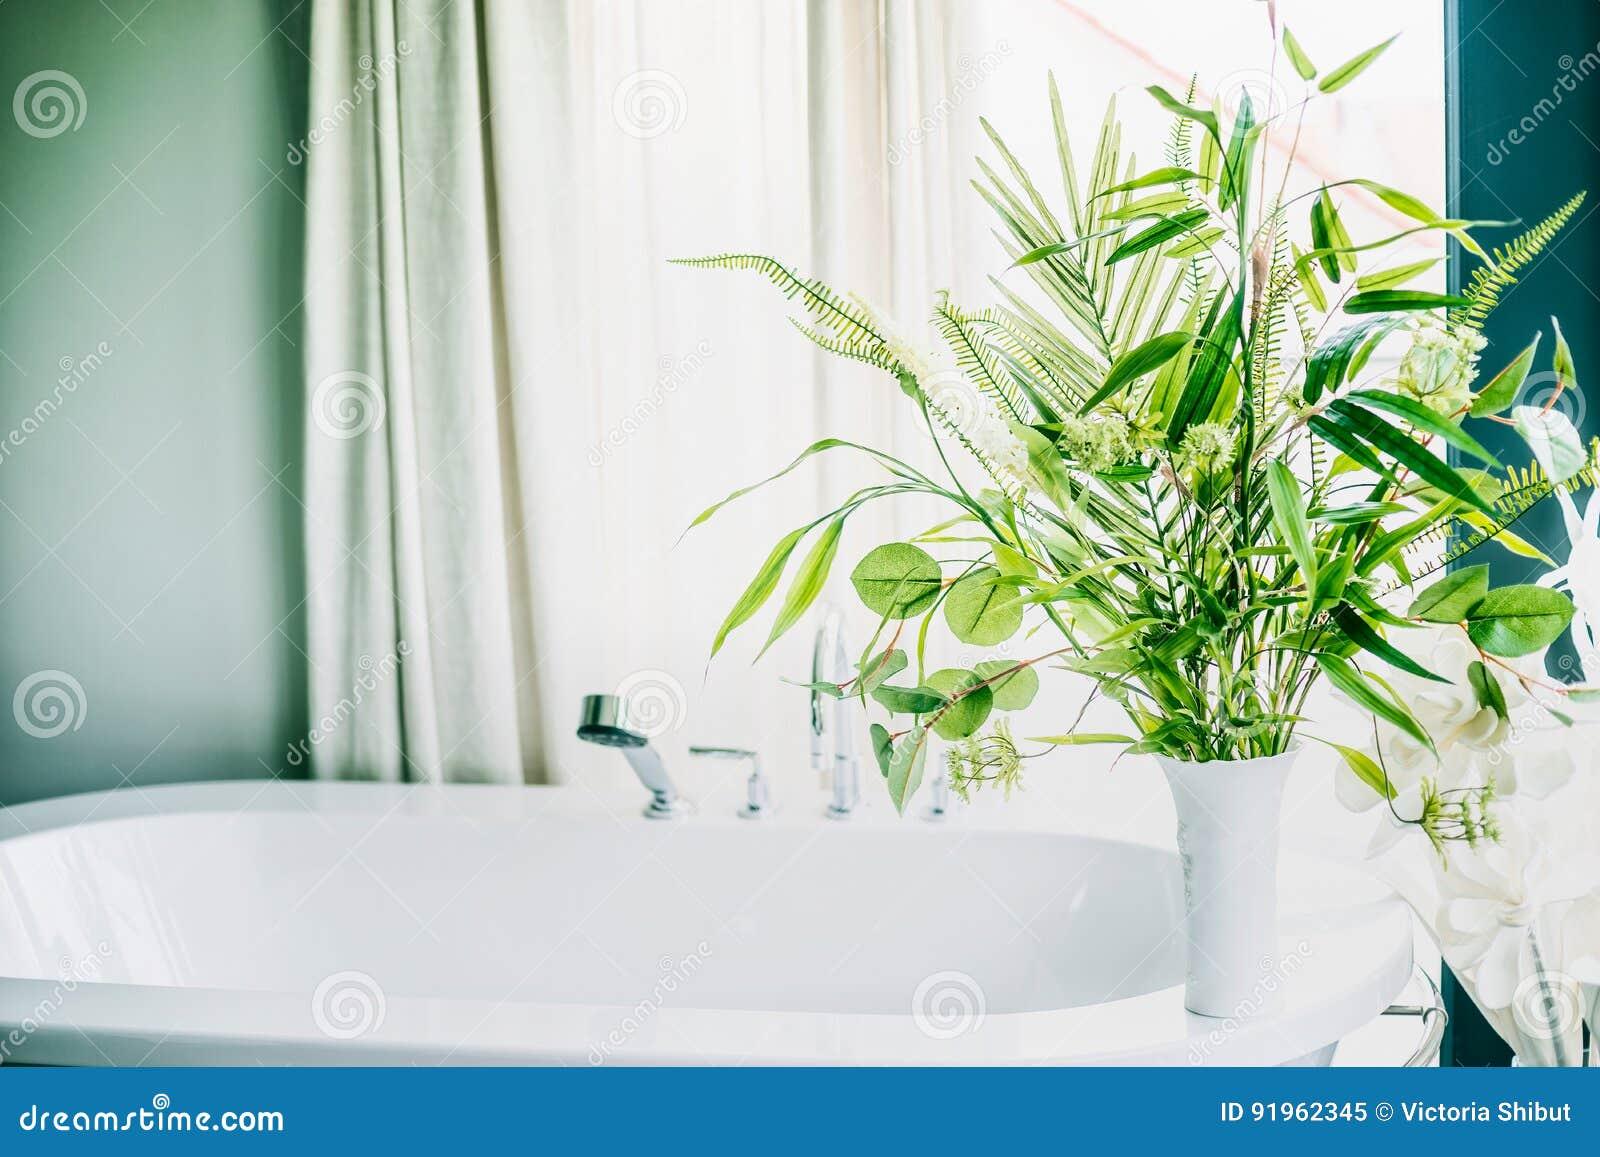 Piante D\'appartamento Verdi In Vaso In Bagno, Interno Della Casa ...